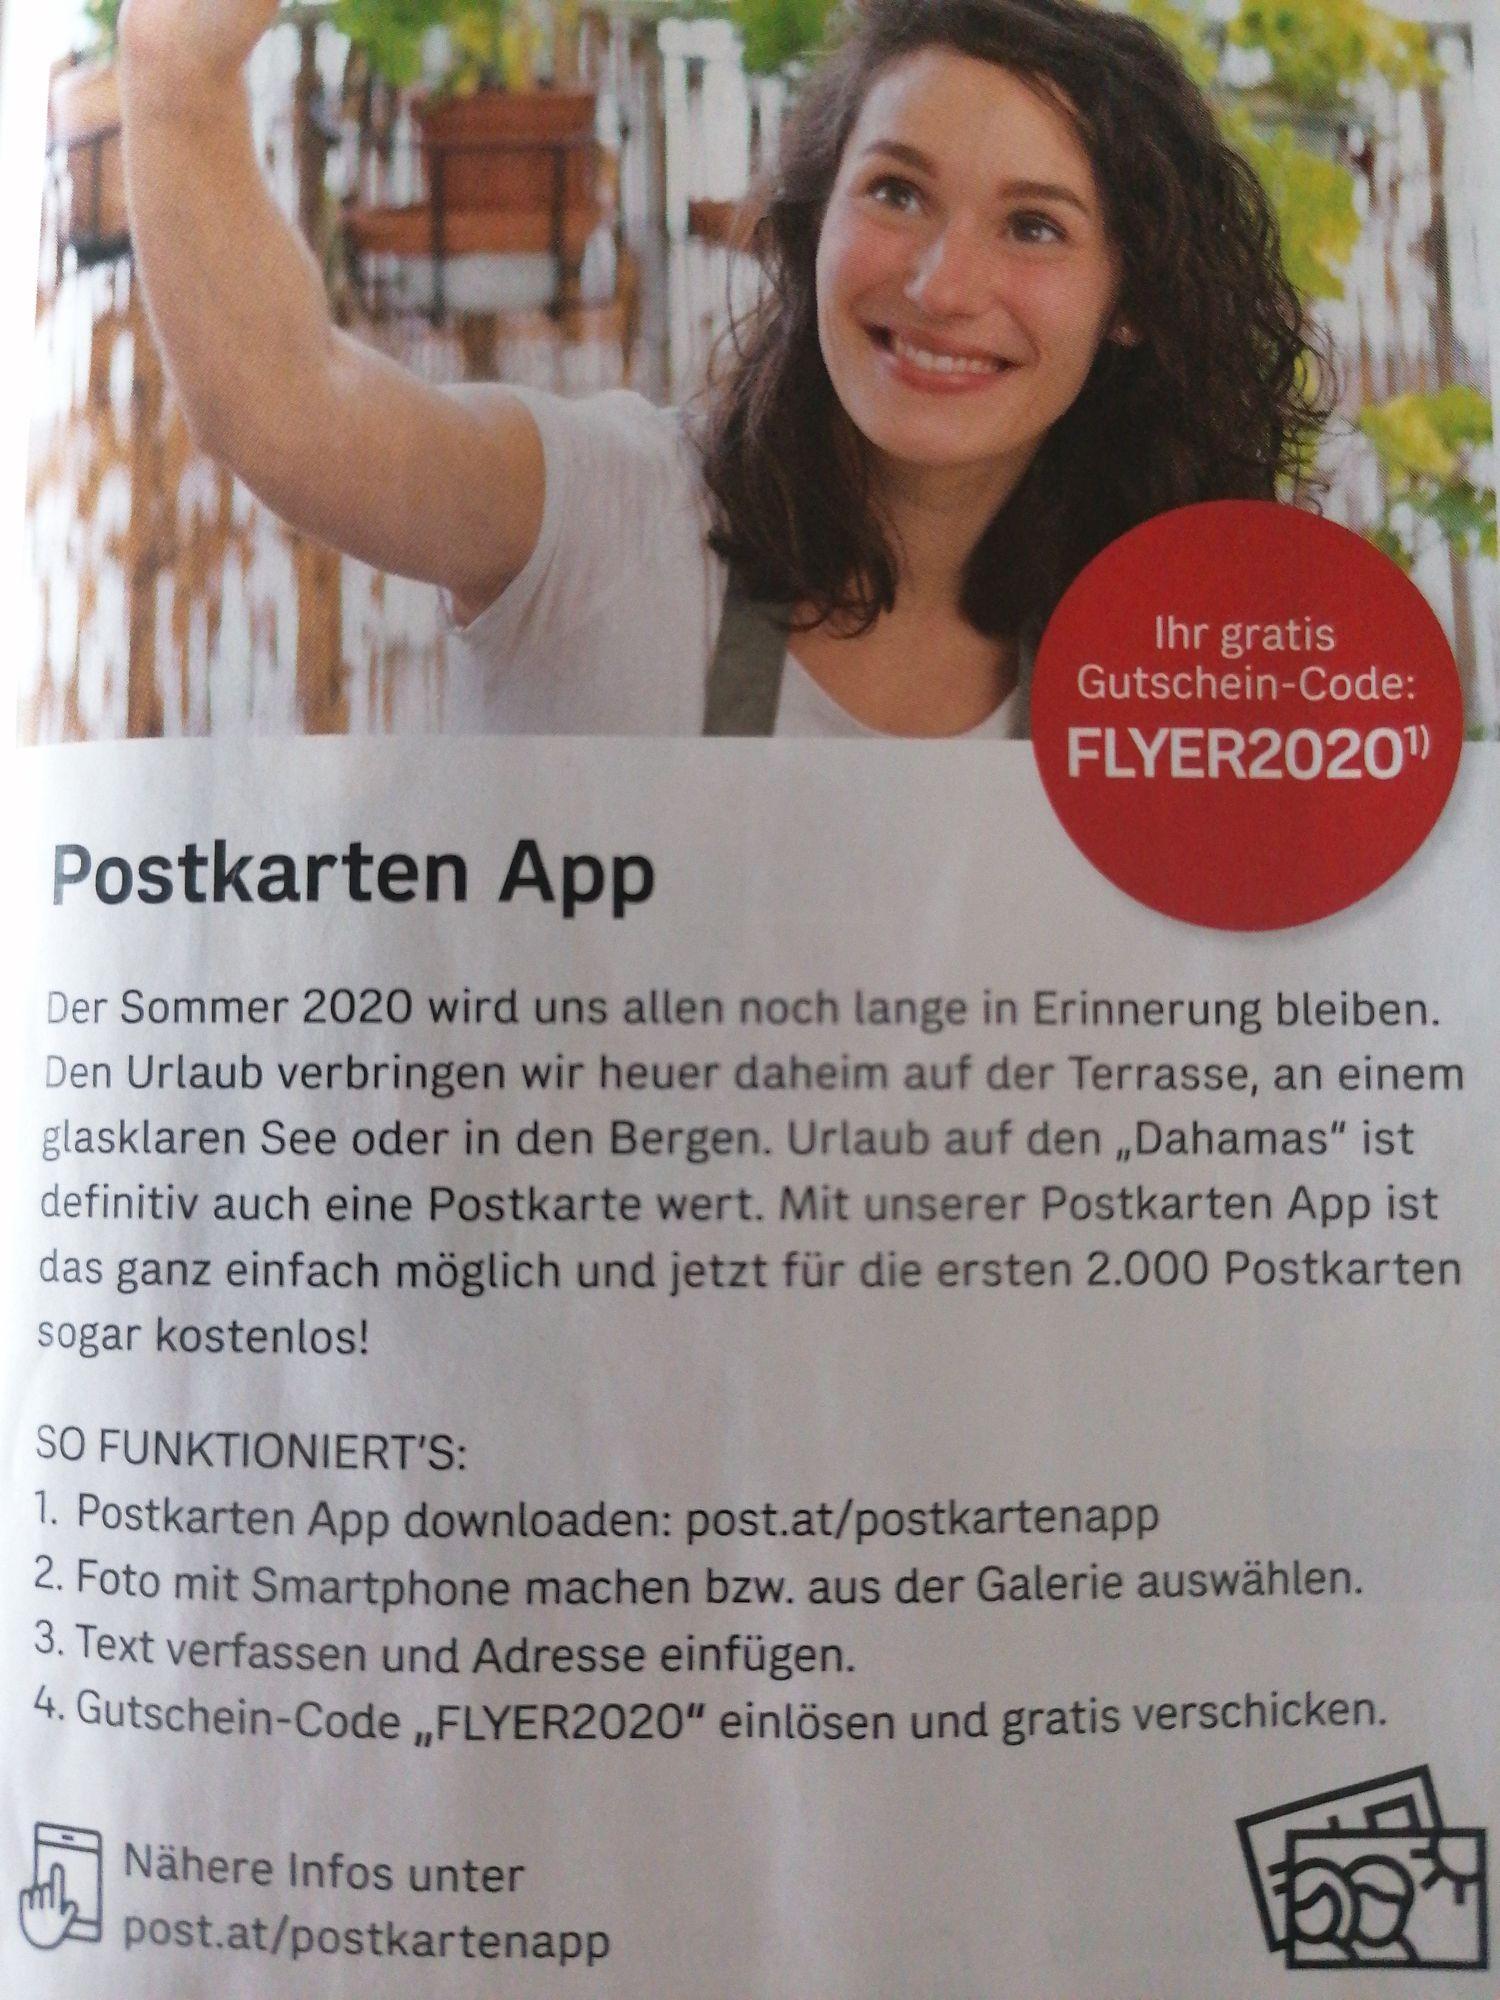 Eine Postkarte gratis verschicken mit der Postkartenapp